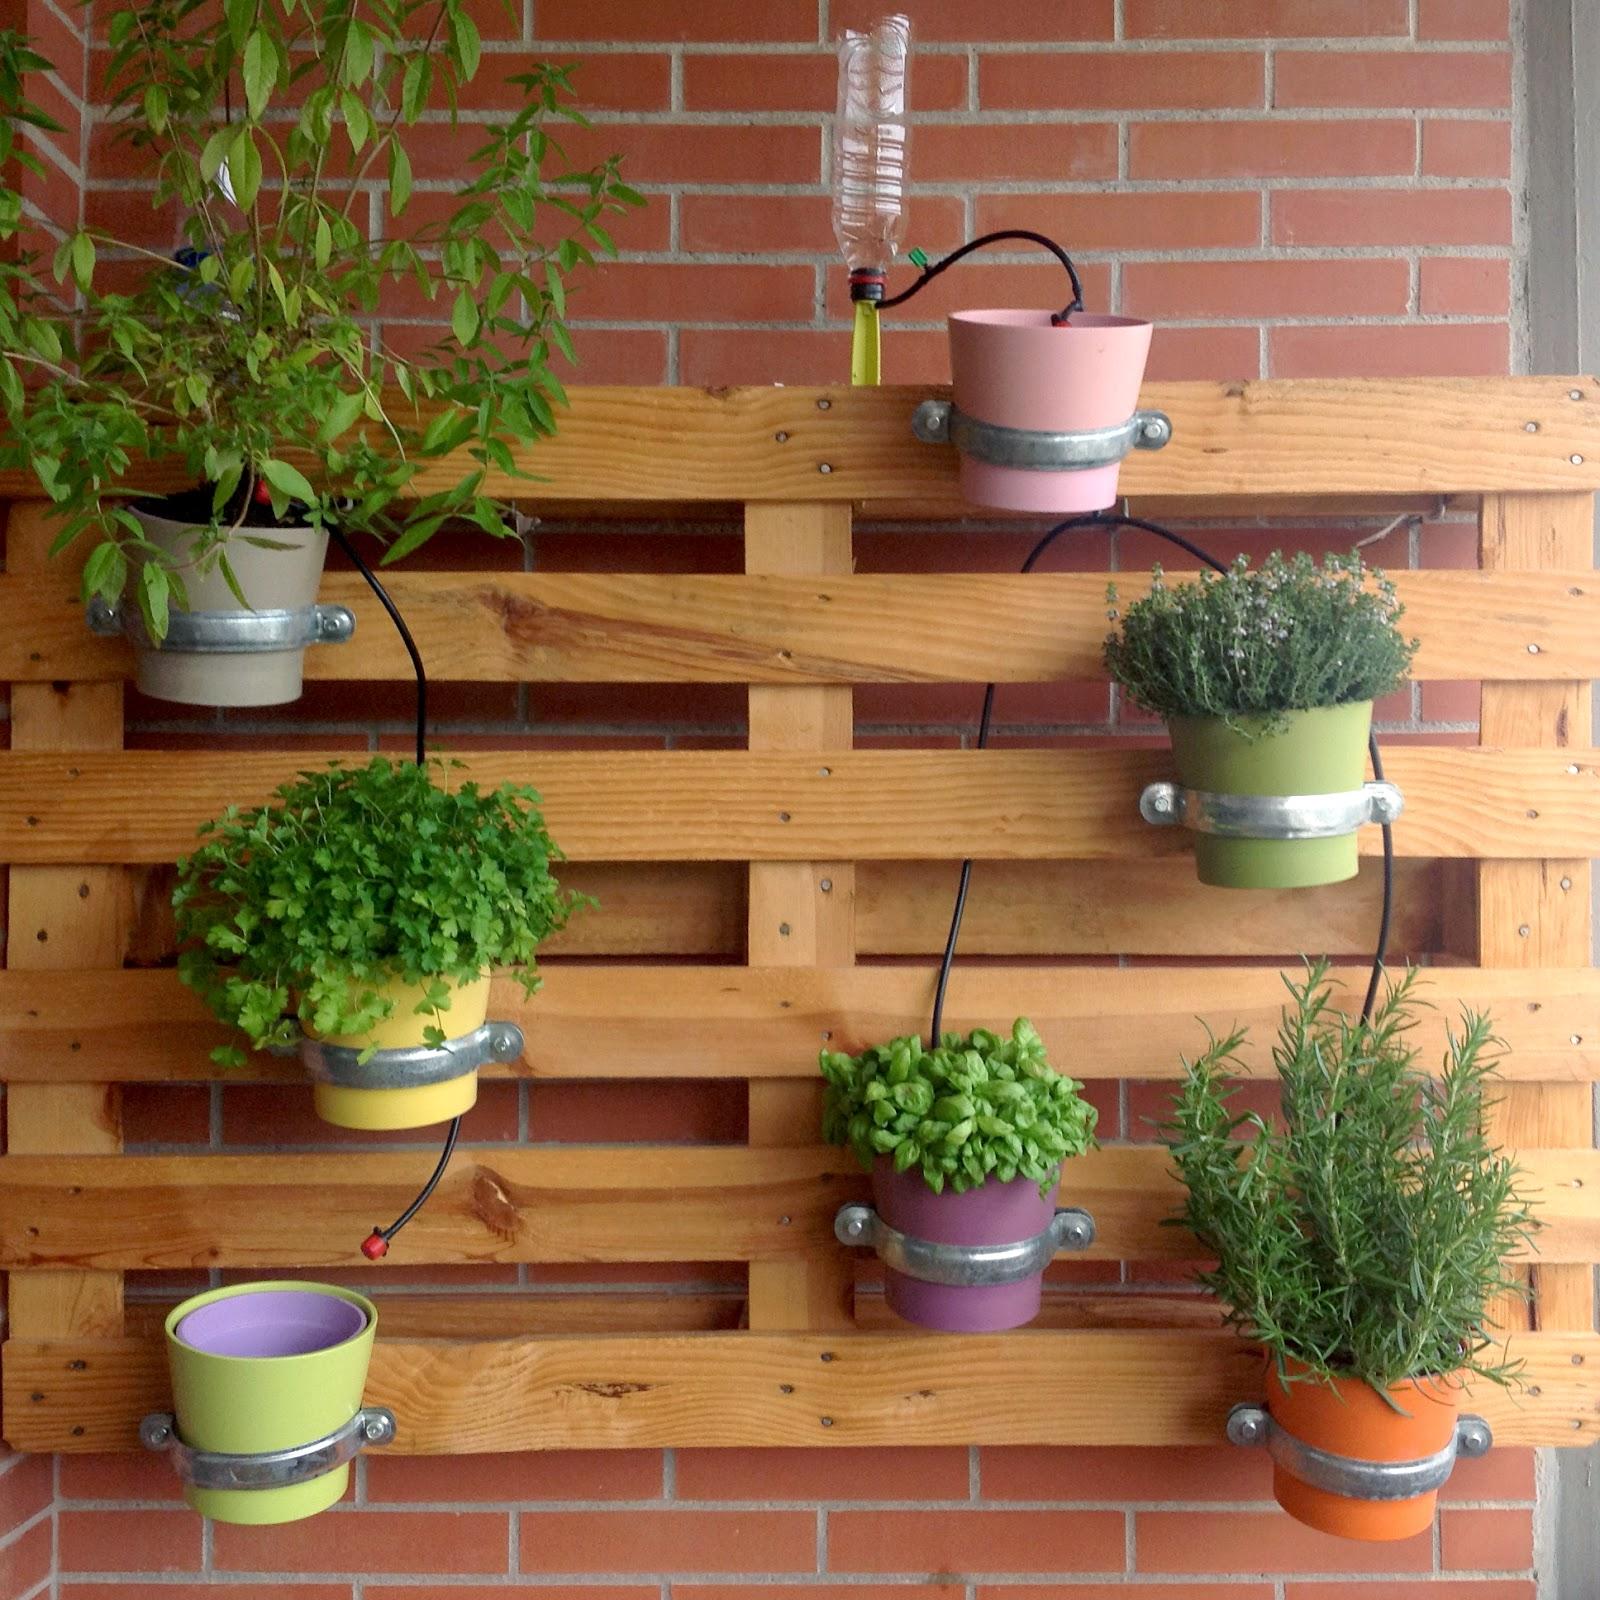 Utilsima jardinera como hacer macetas con botellas utilsima jardinera como hacer macetas con - Macetas en la pared ...